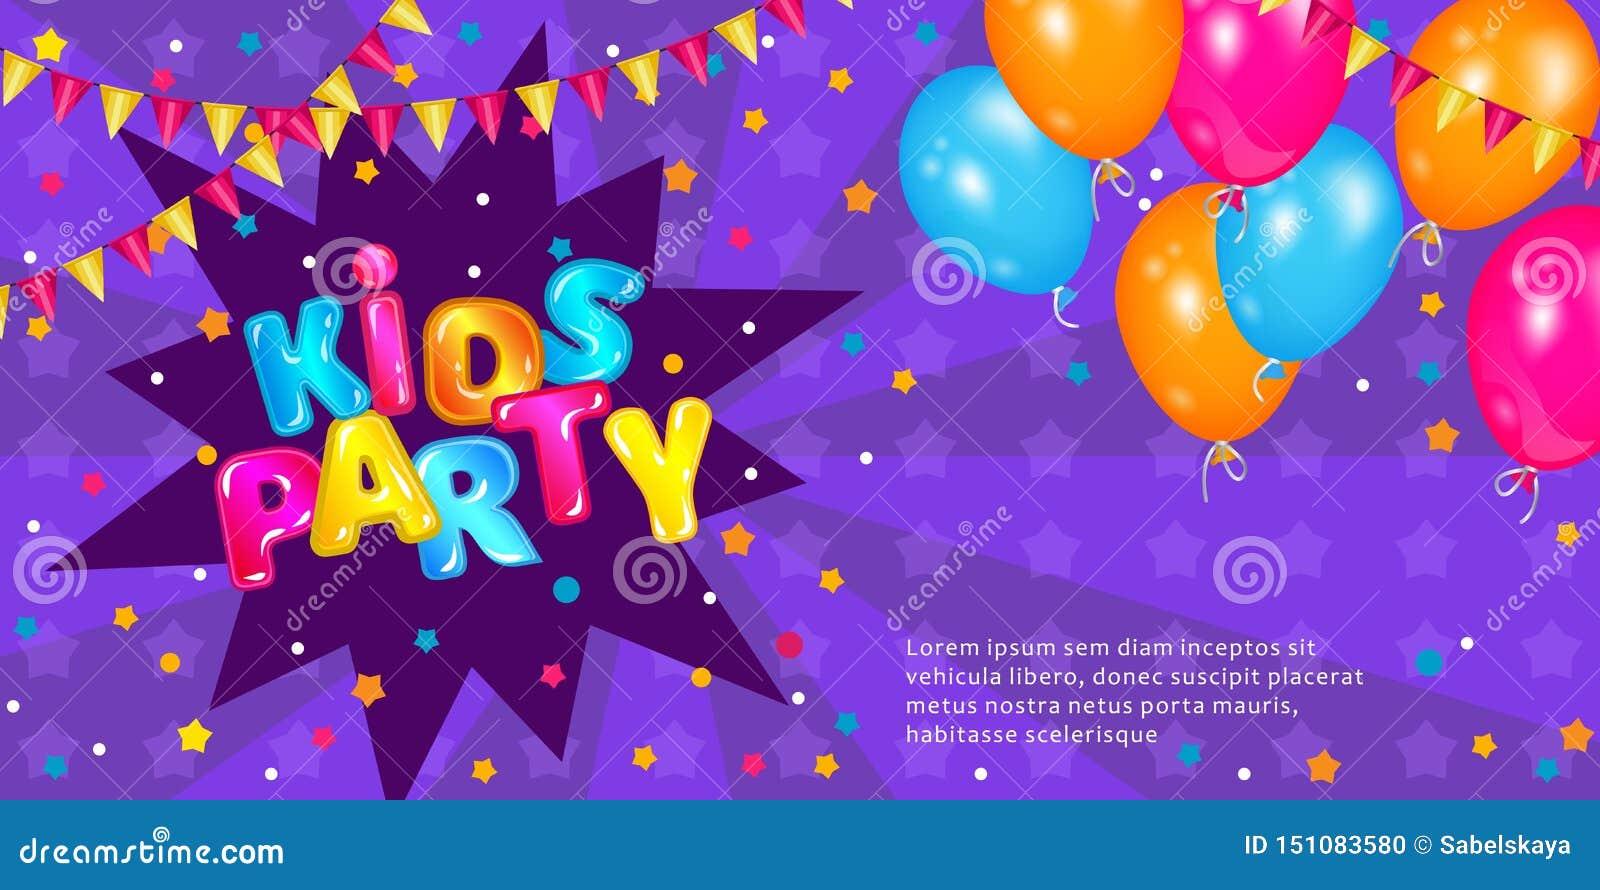 Los niños van de fiesta - diseño púrpura de la bandera de la invitación con la fuente de la diversión